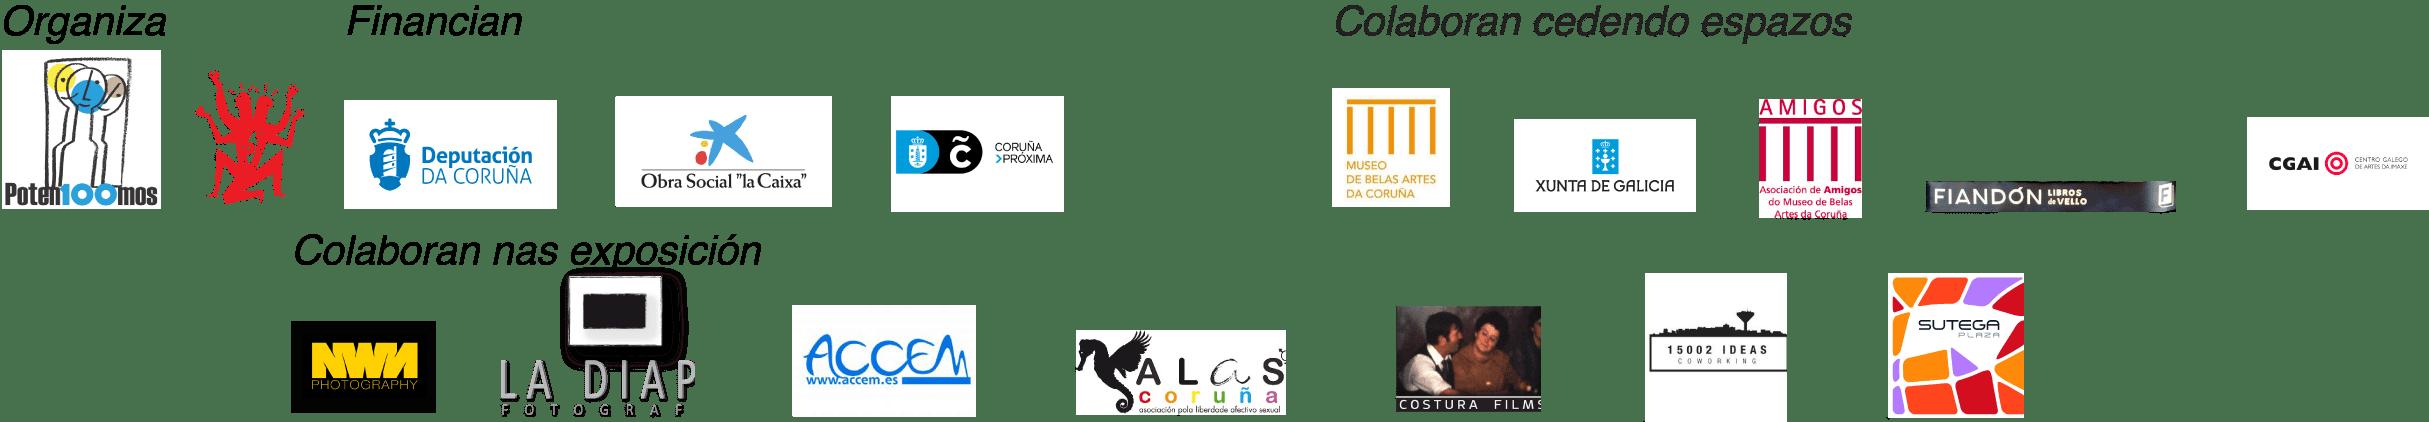 para-redes-y-prensa-logos